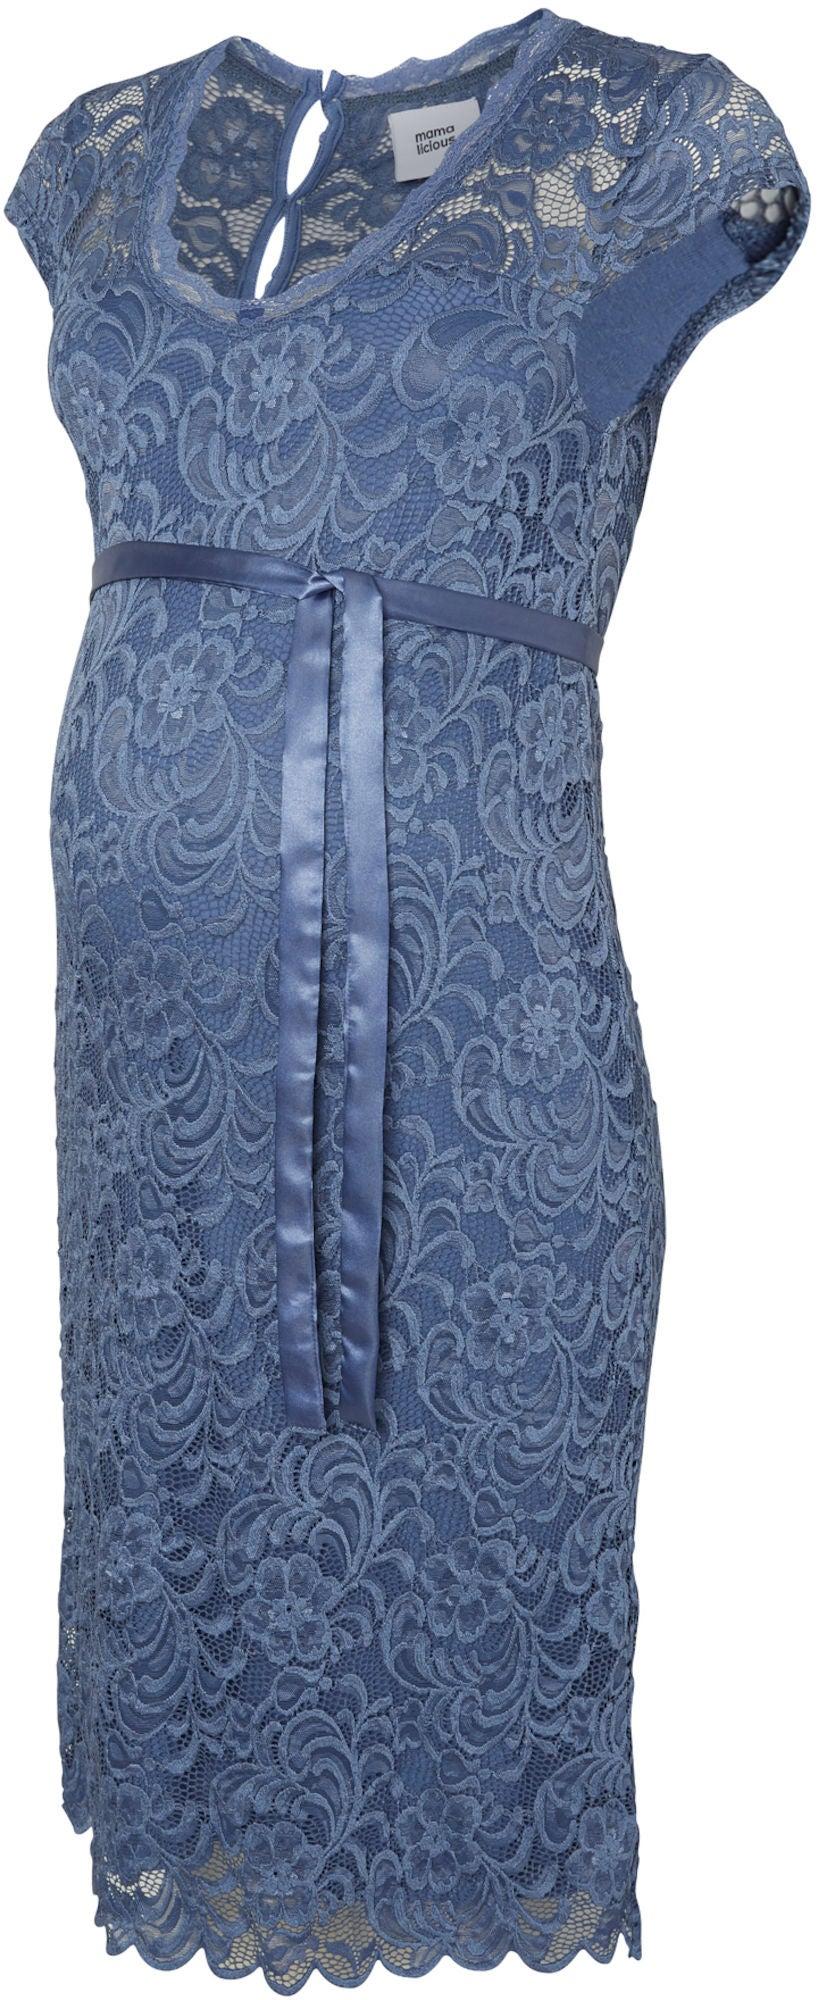 78632ac4c125 Köp Mamalicious Gravidklänning New Mivana, Colony Blue | Jollyroom